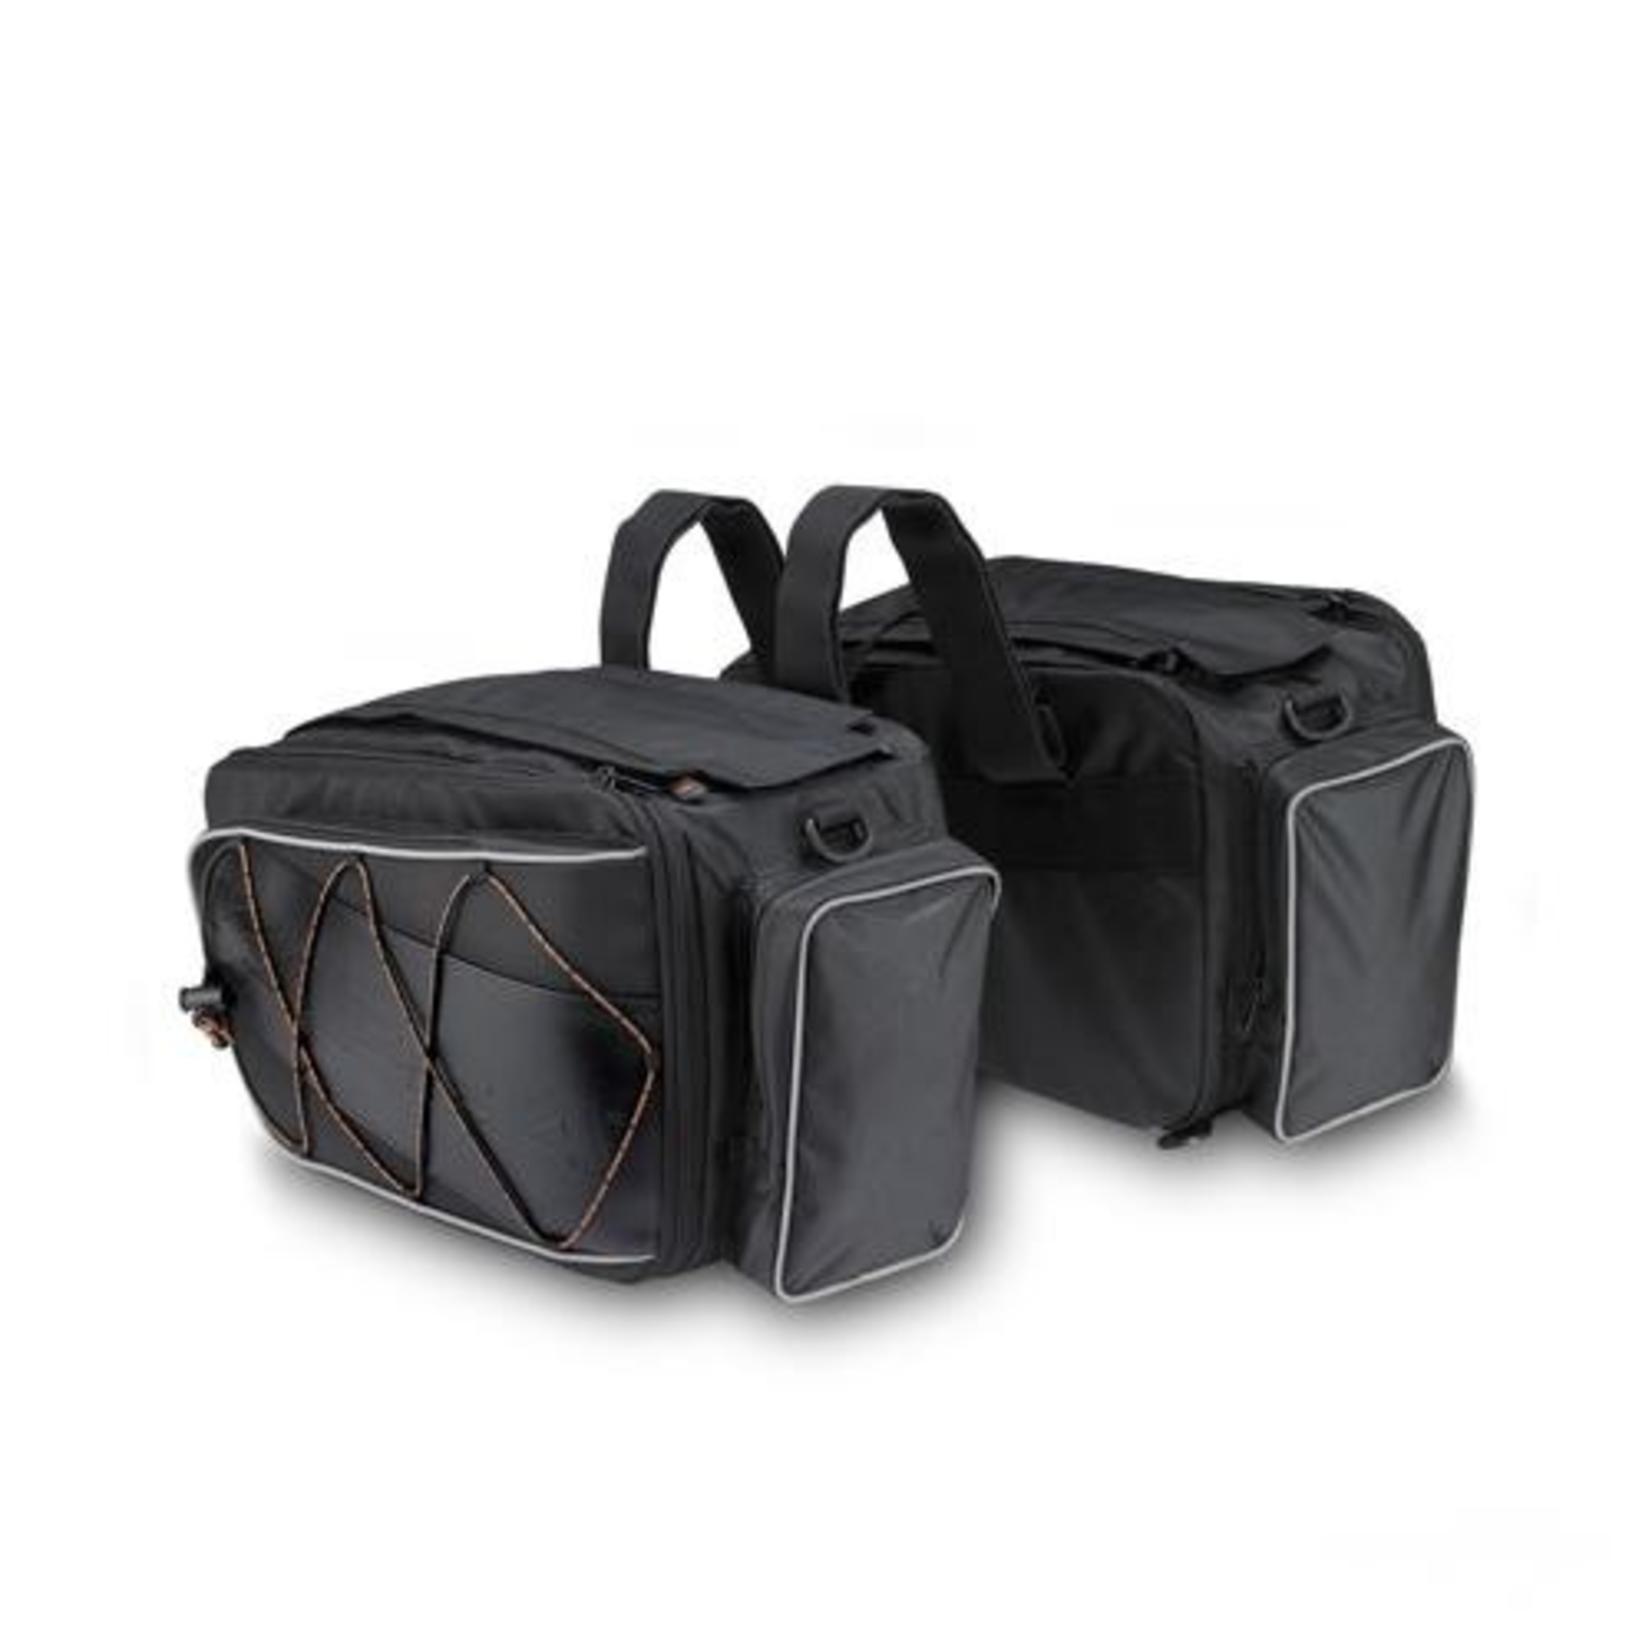 Accessories Saddlebags, Kappa TK760 20-29 ltr